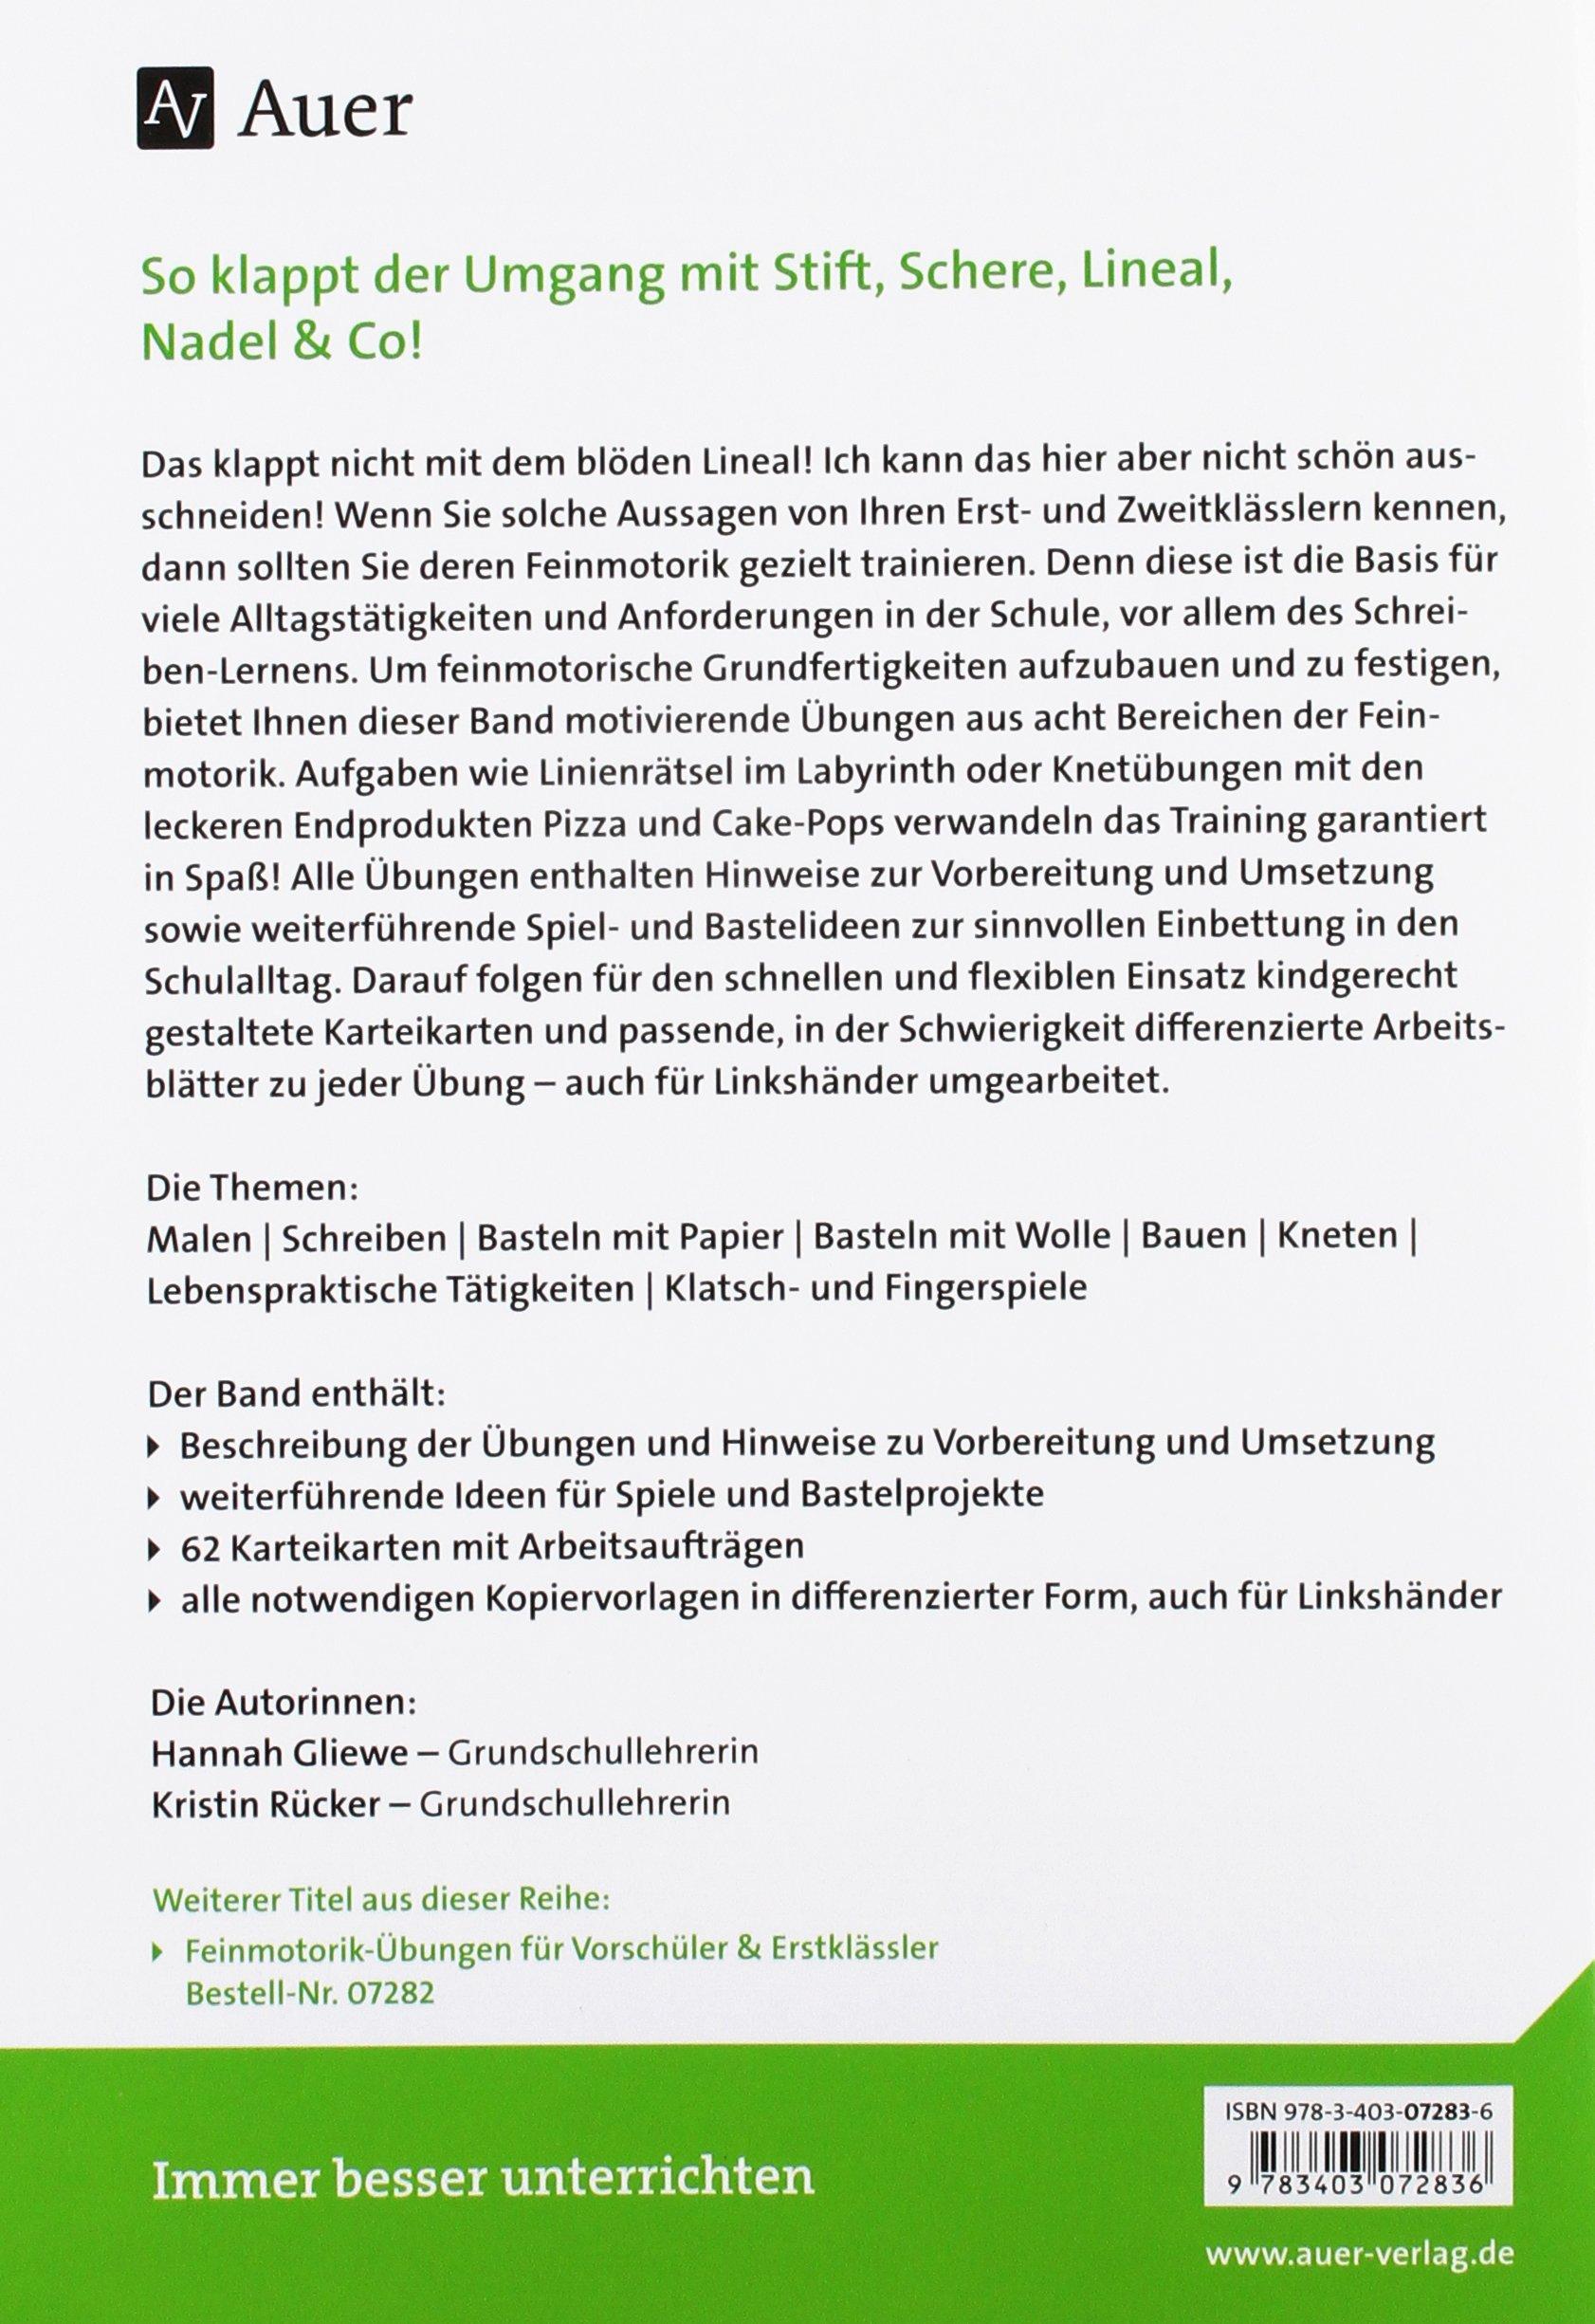 Feinmotorik-Übungen für Erst- und Zweitklässler: differenziert ...